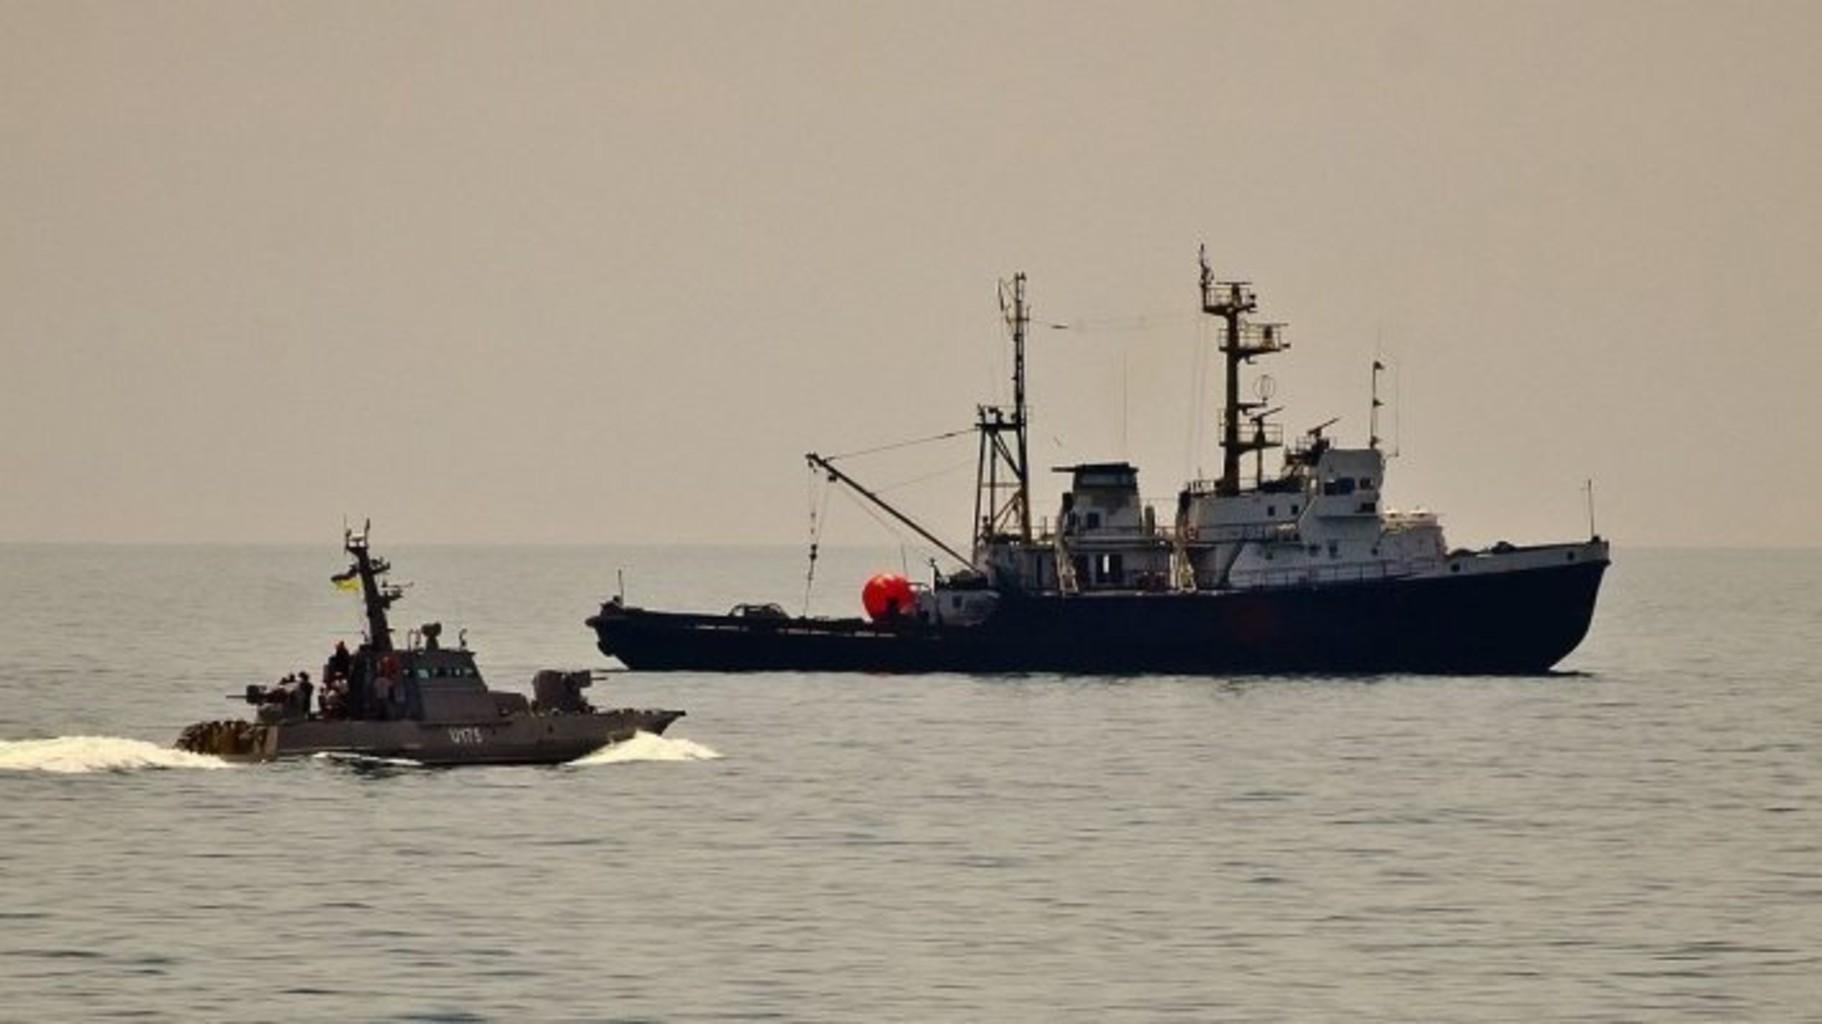 Появилось видео, как российский корабль таранит украинский буксир. Осторожно, ненормативная лексика!